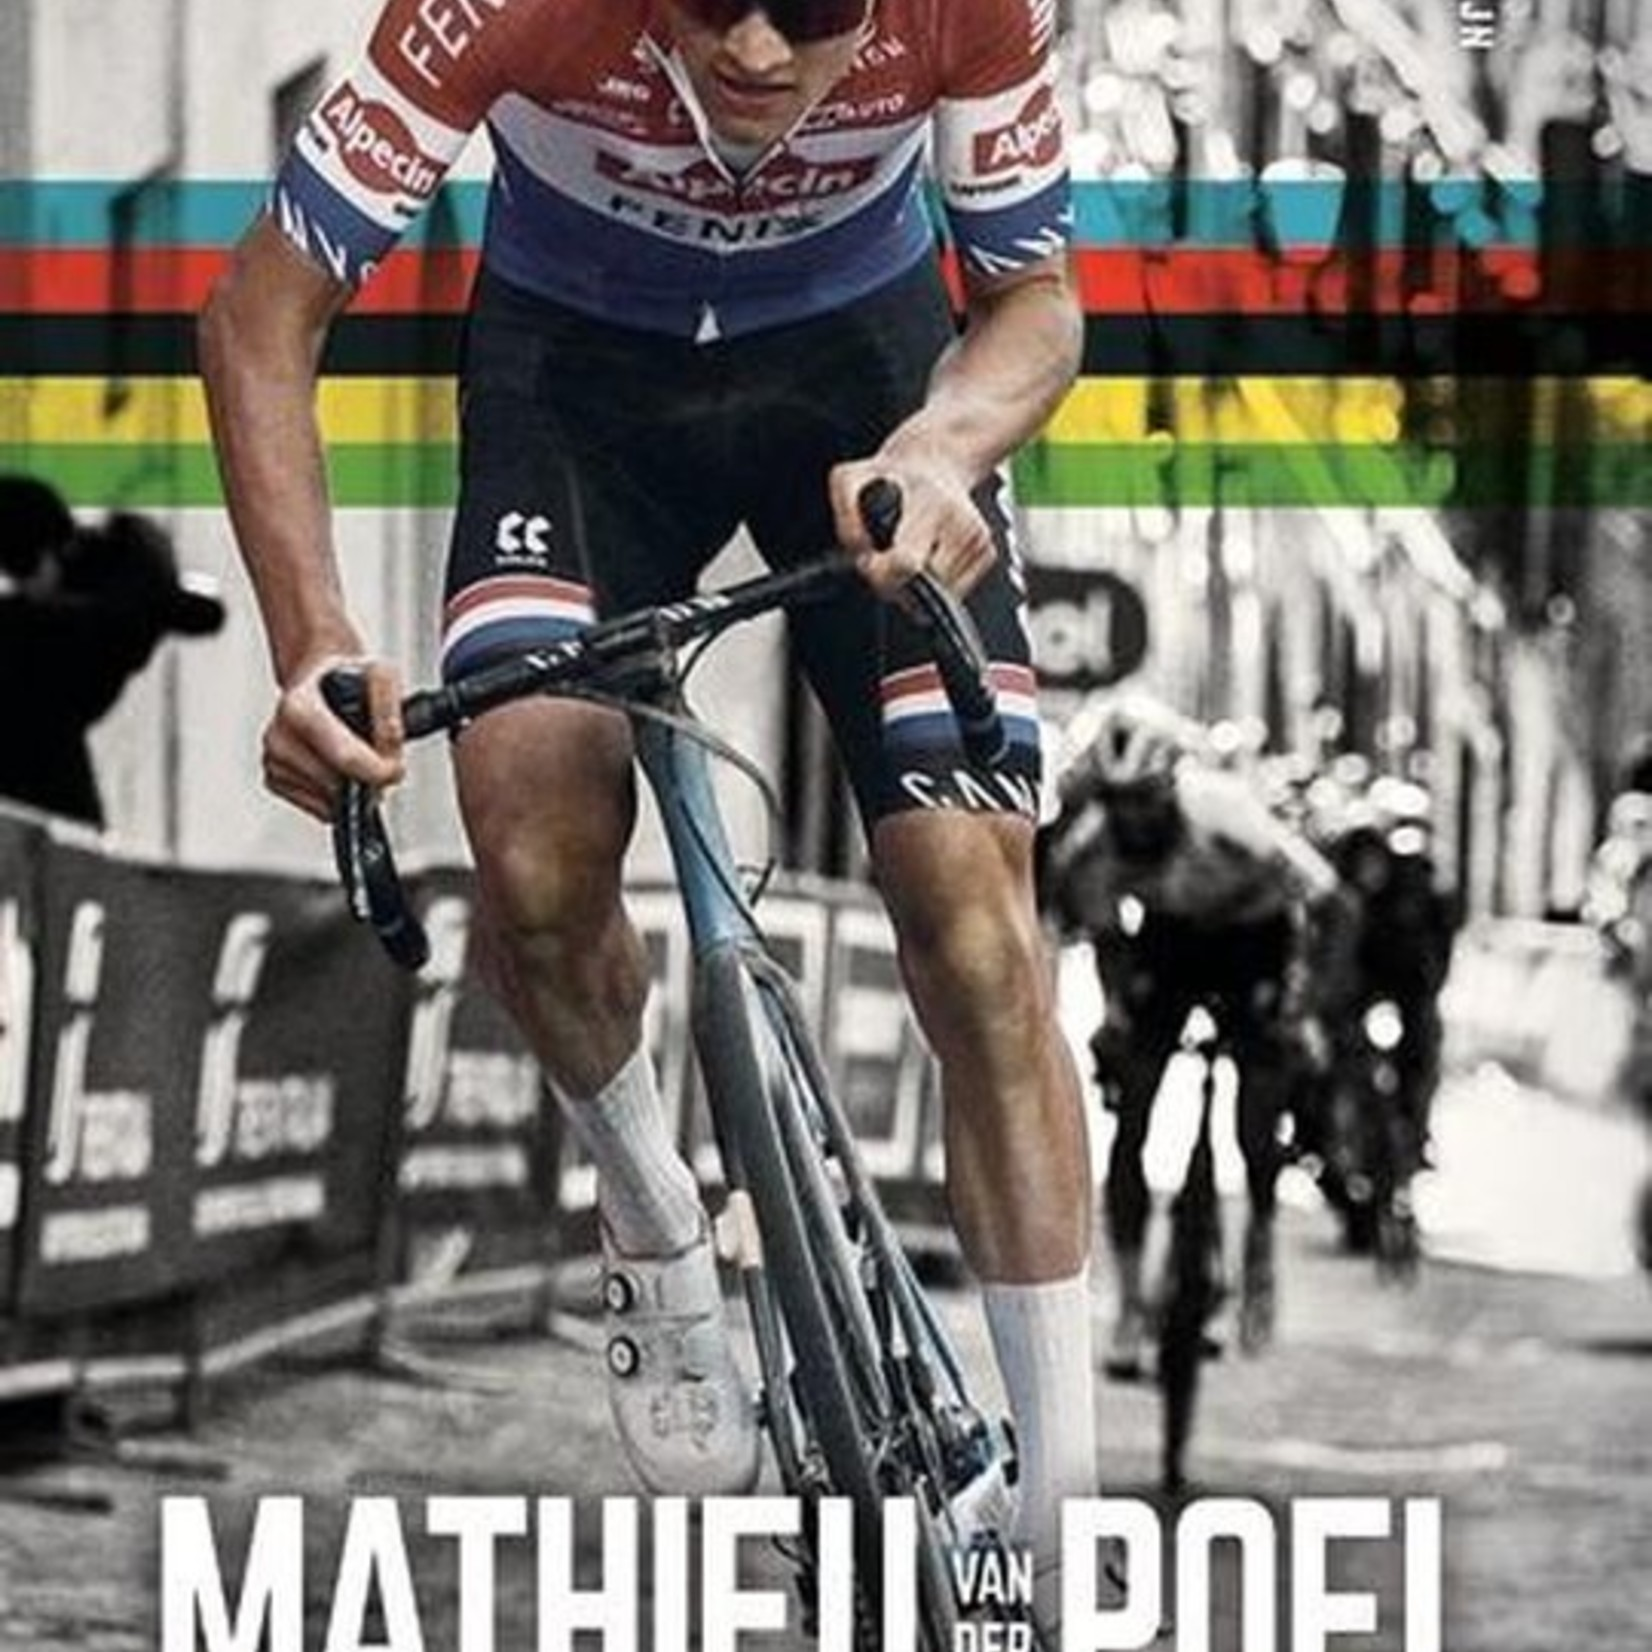 Boek Mathieu Van Der Poel (Het fenomeen verklaard)